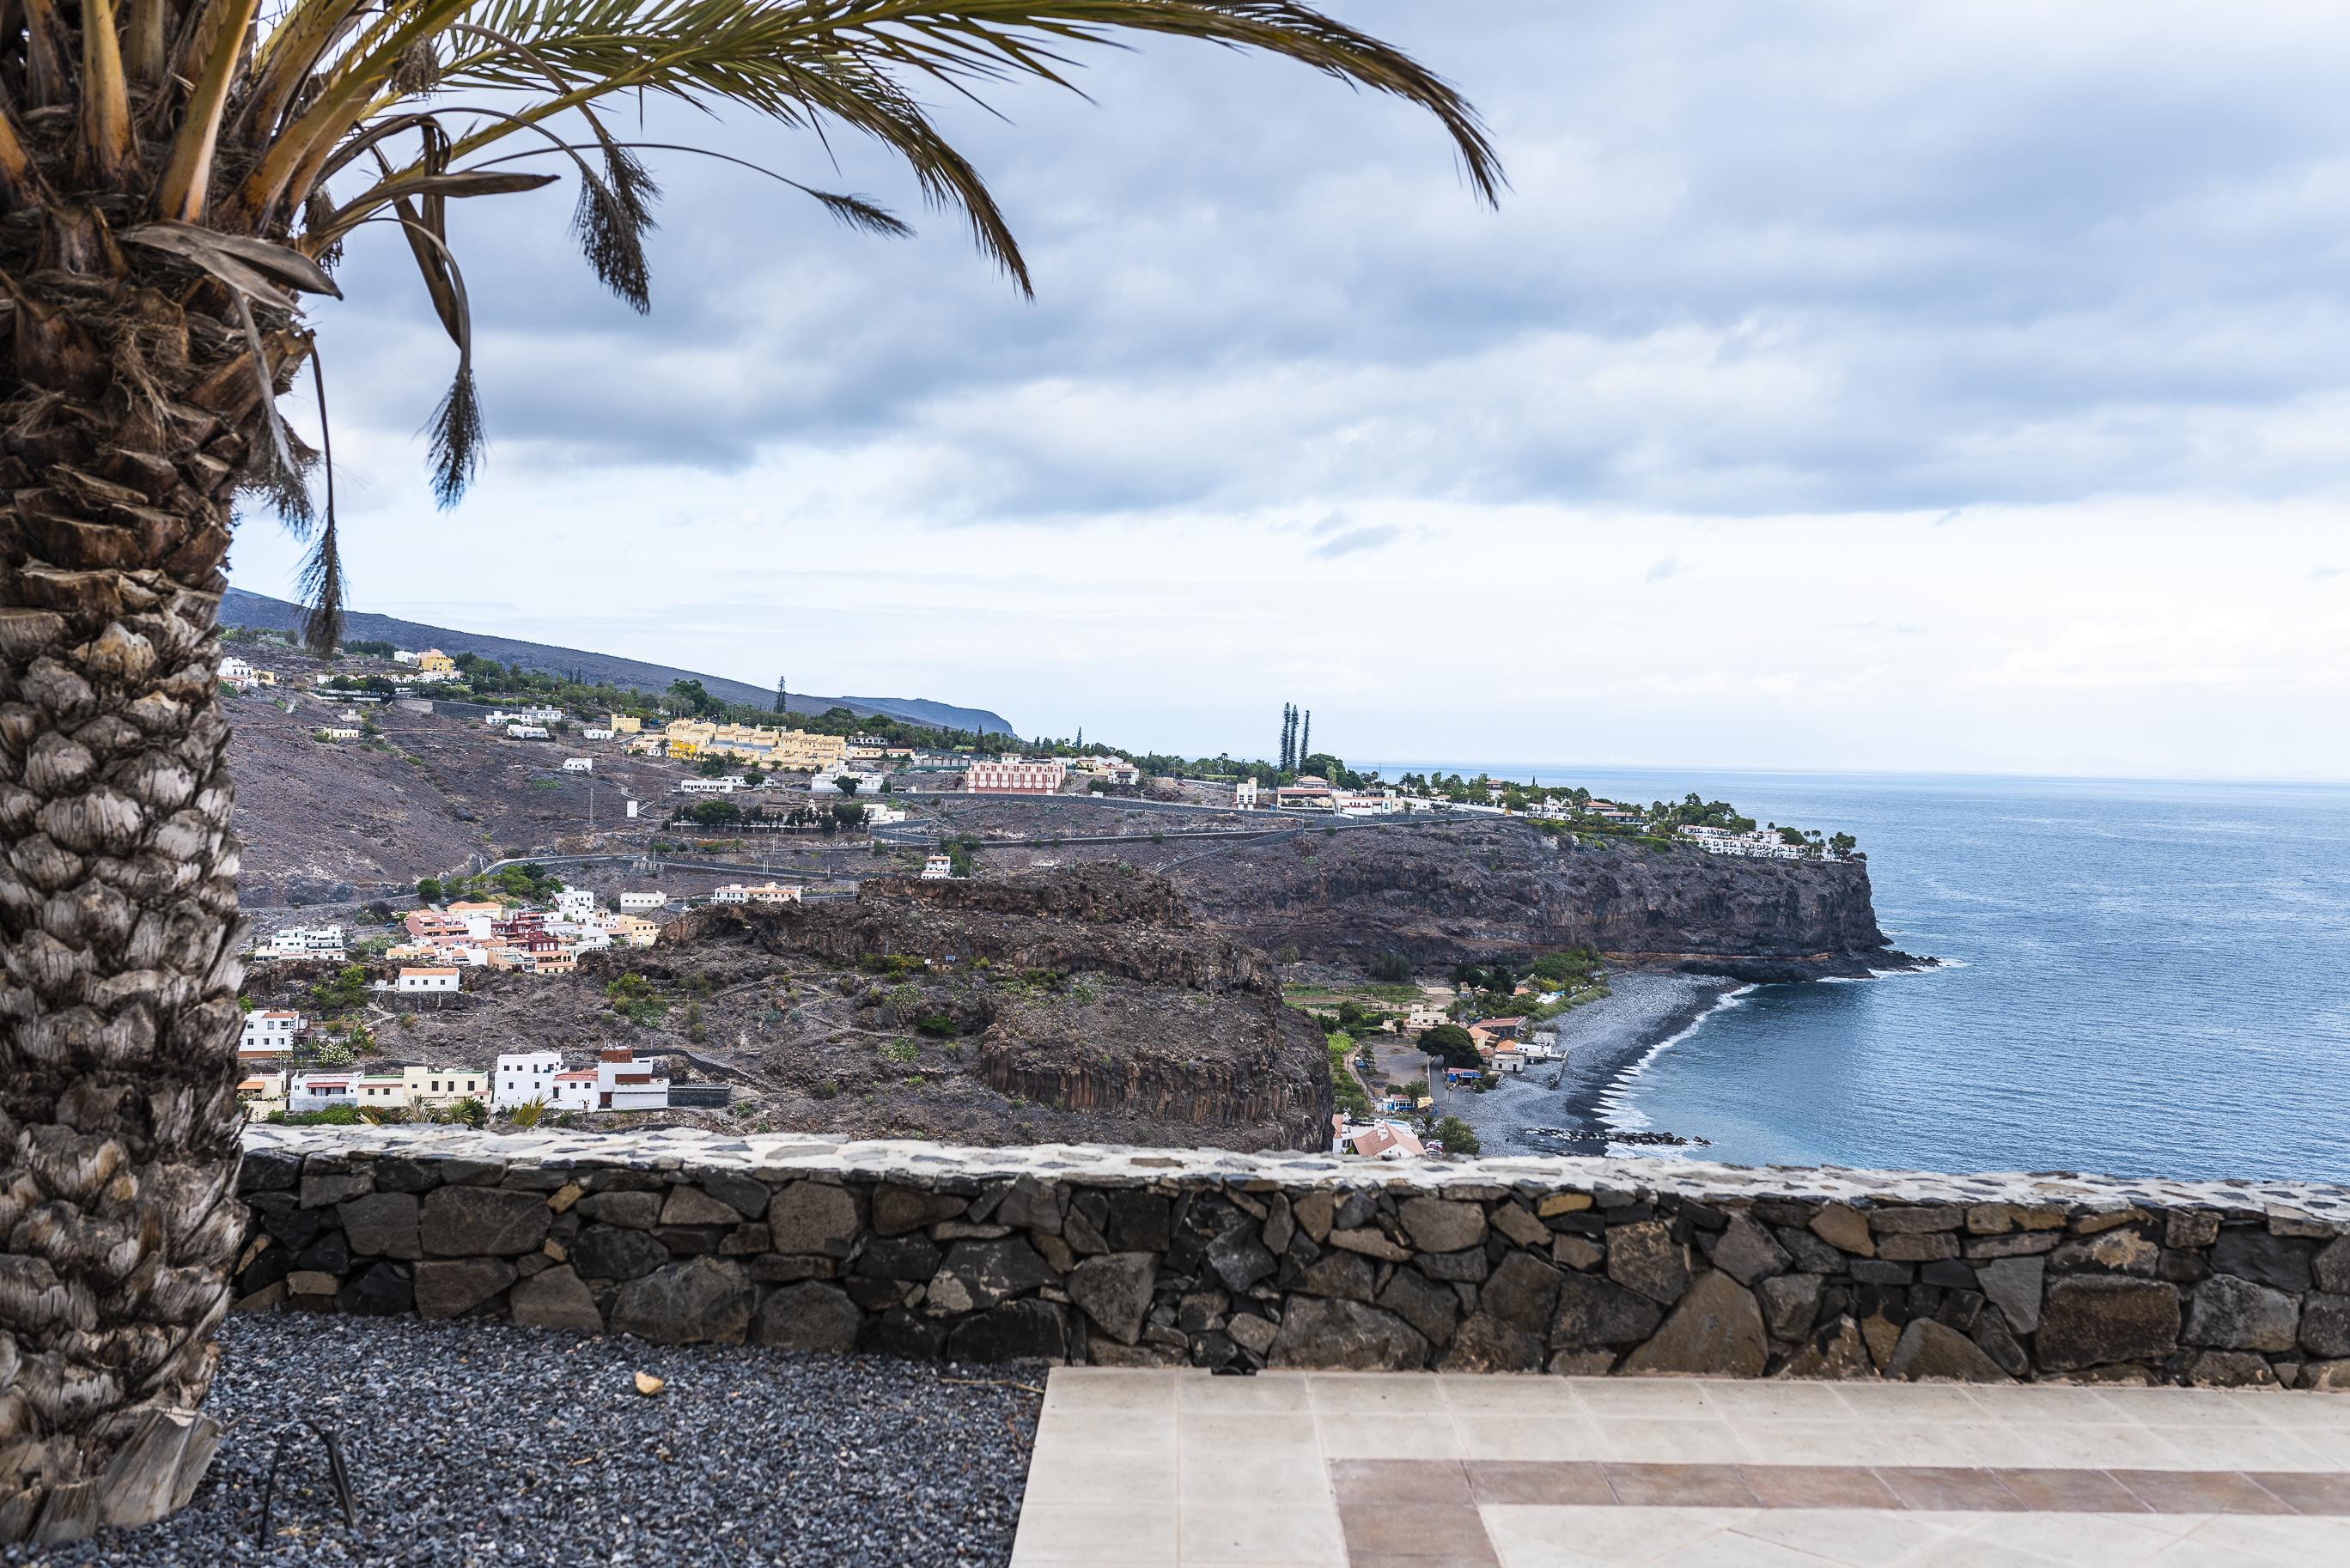 Ferienhaus  (2681968), Playa de Santiago, La Gomera, Kanarische Inseln, Spanien, Bild 38